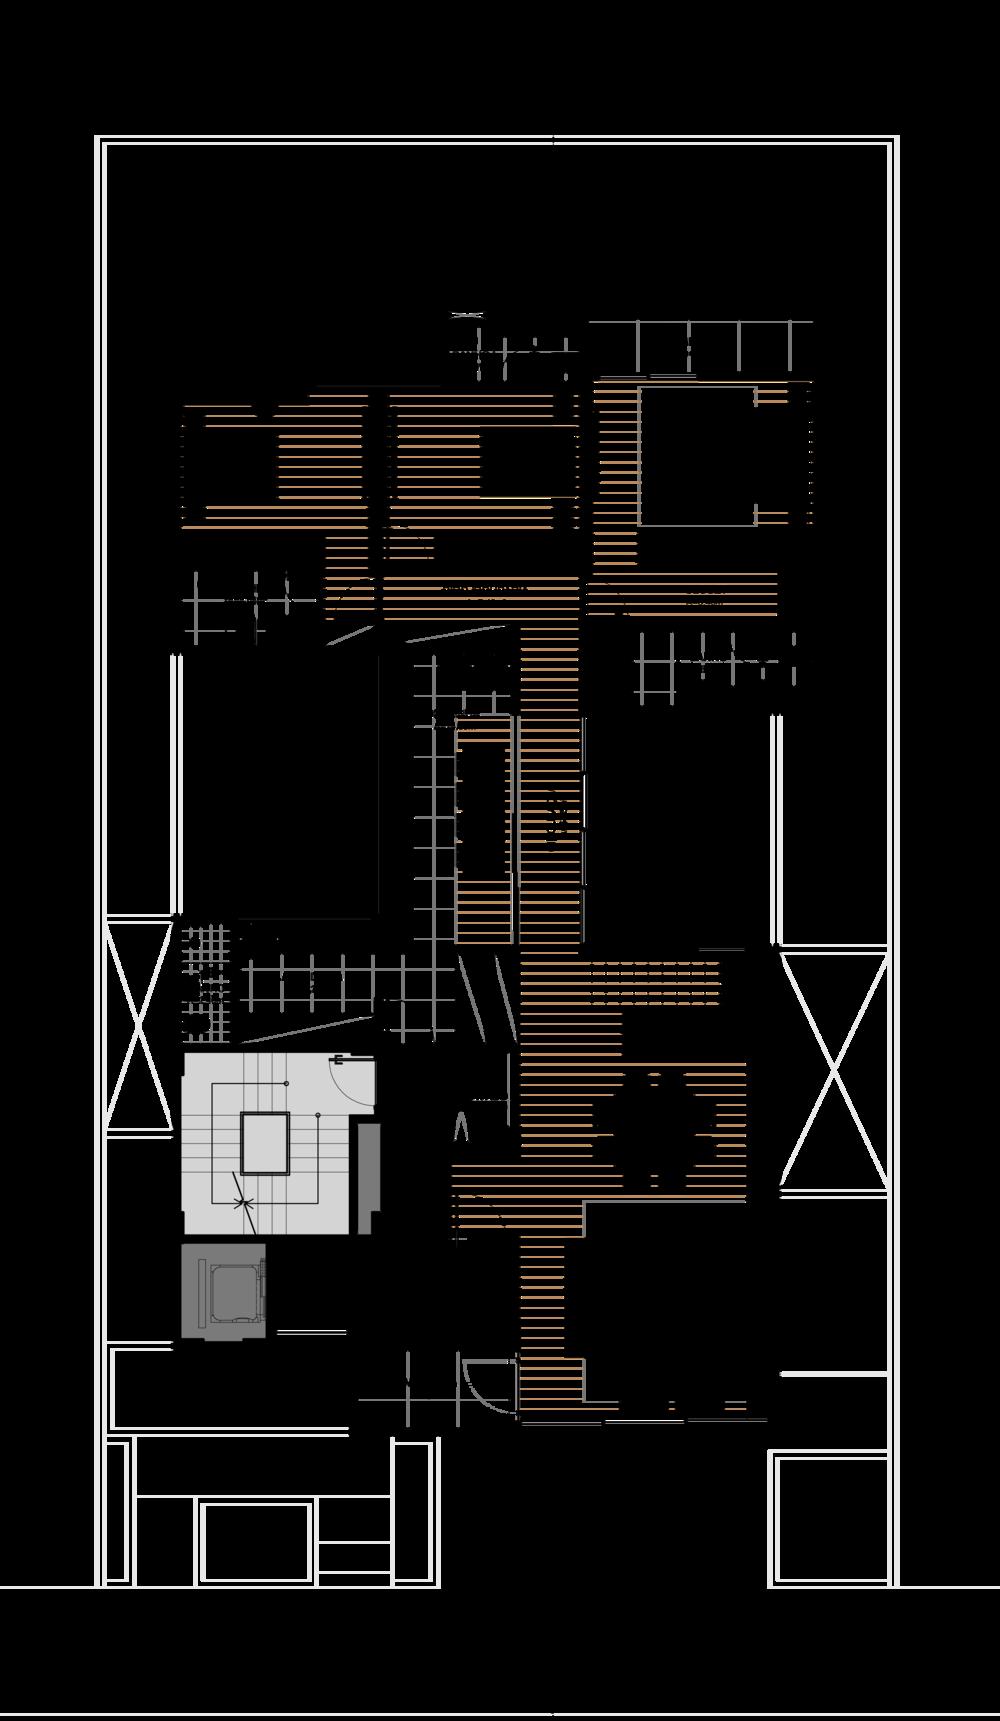 05 - F_Edificio FF_Planta 03.png